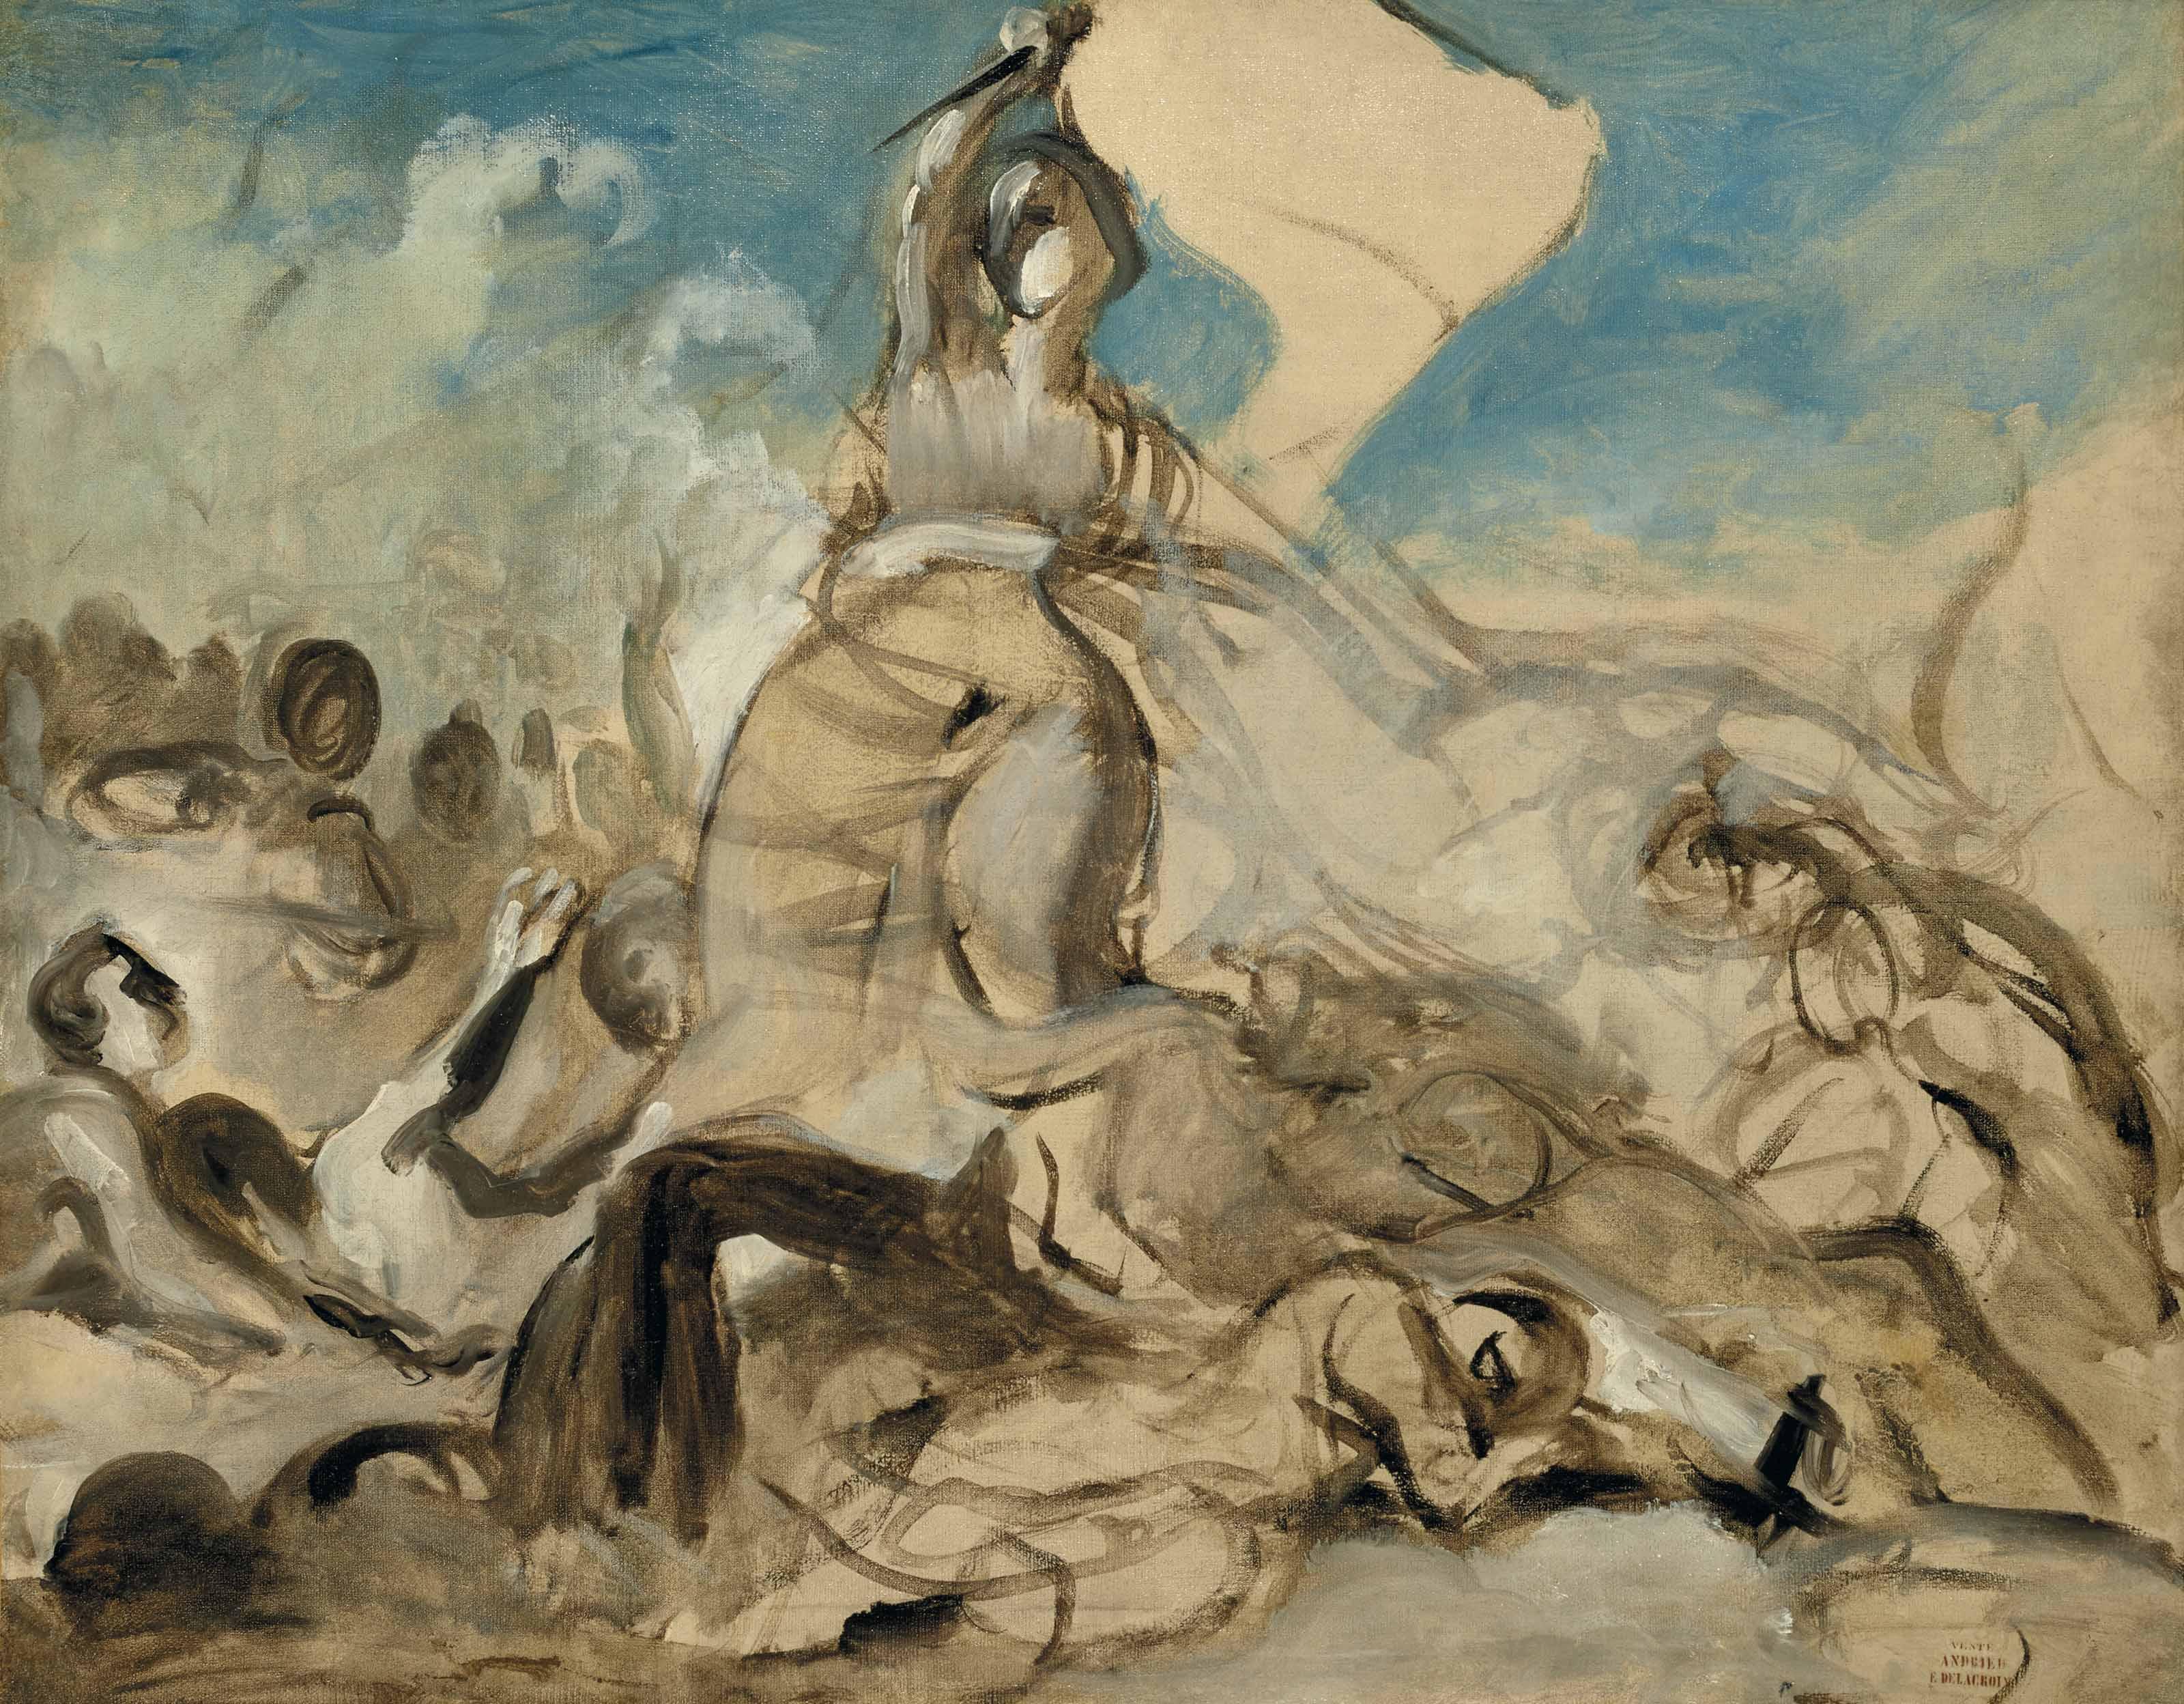 Le 28 juillet – la liberté guidant le peuple, 1830